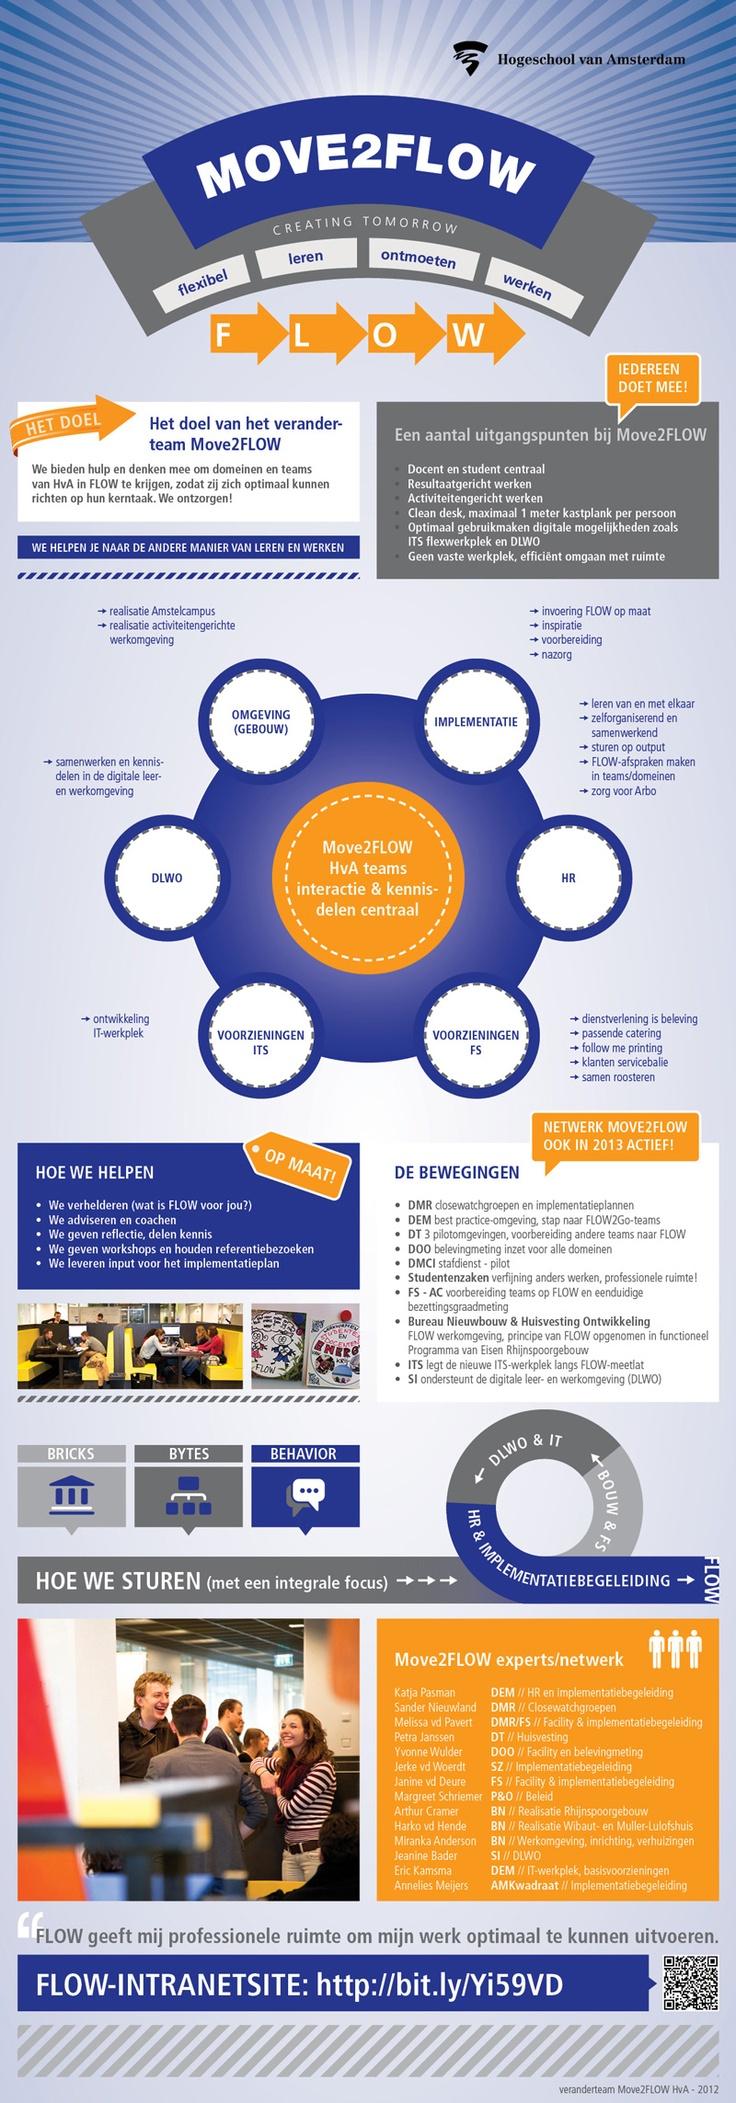 Infographic for AM Kwadraat, project Move2FLOW @ Hogeschool van Amsterdam